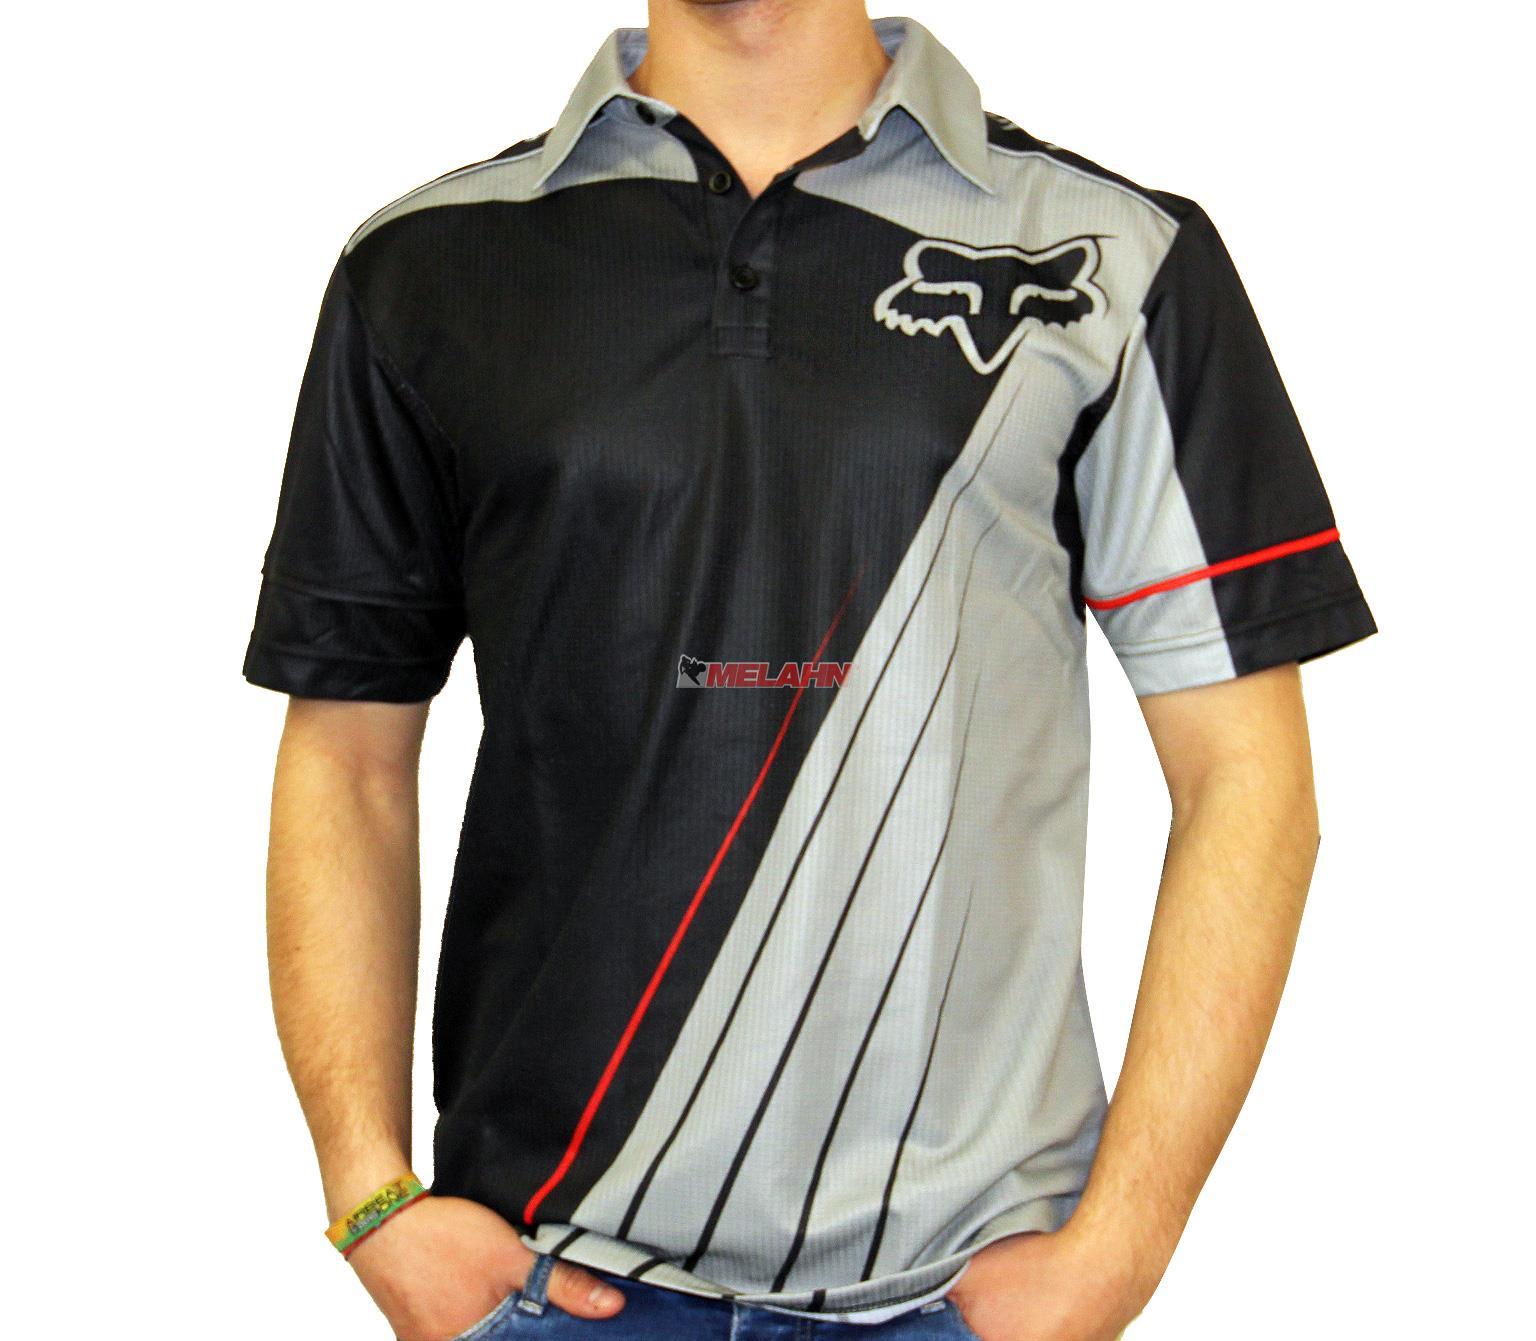 Fox Polo Shirt Dealer Schwarz Grau Hemden Polos